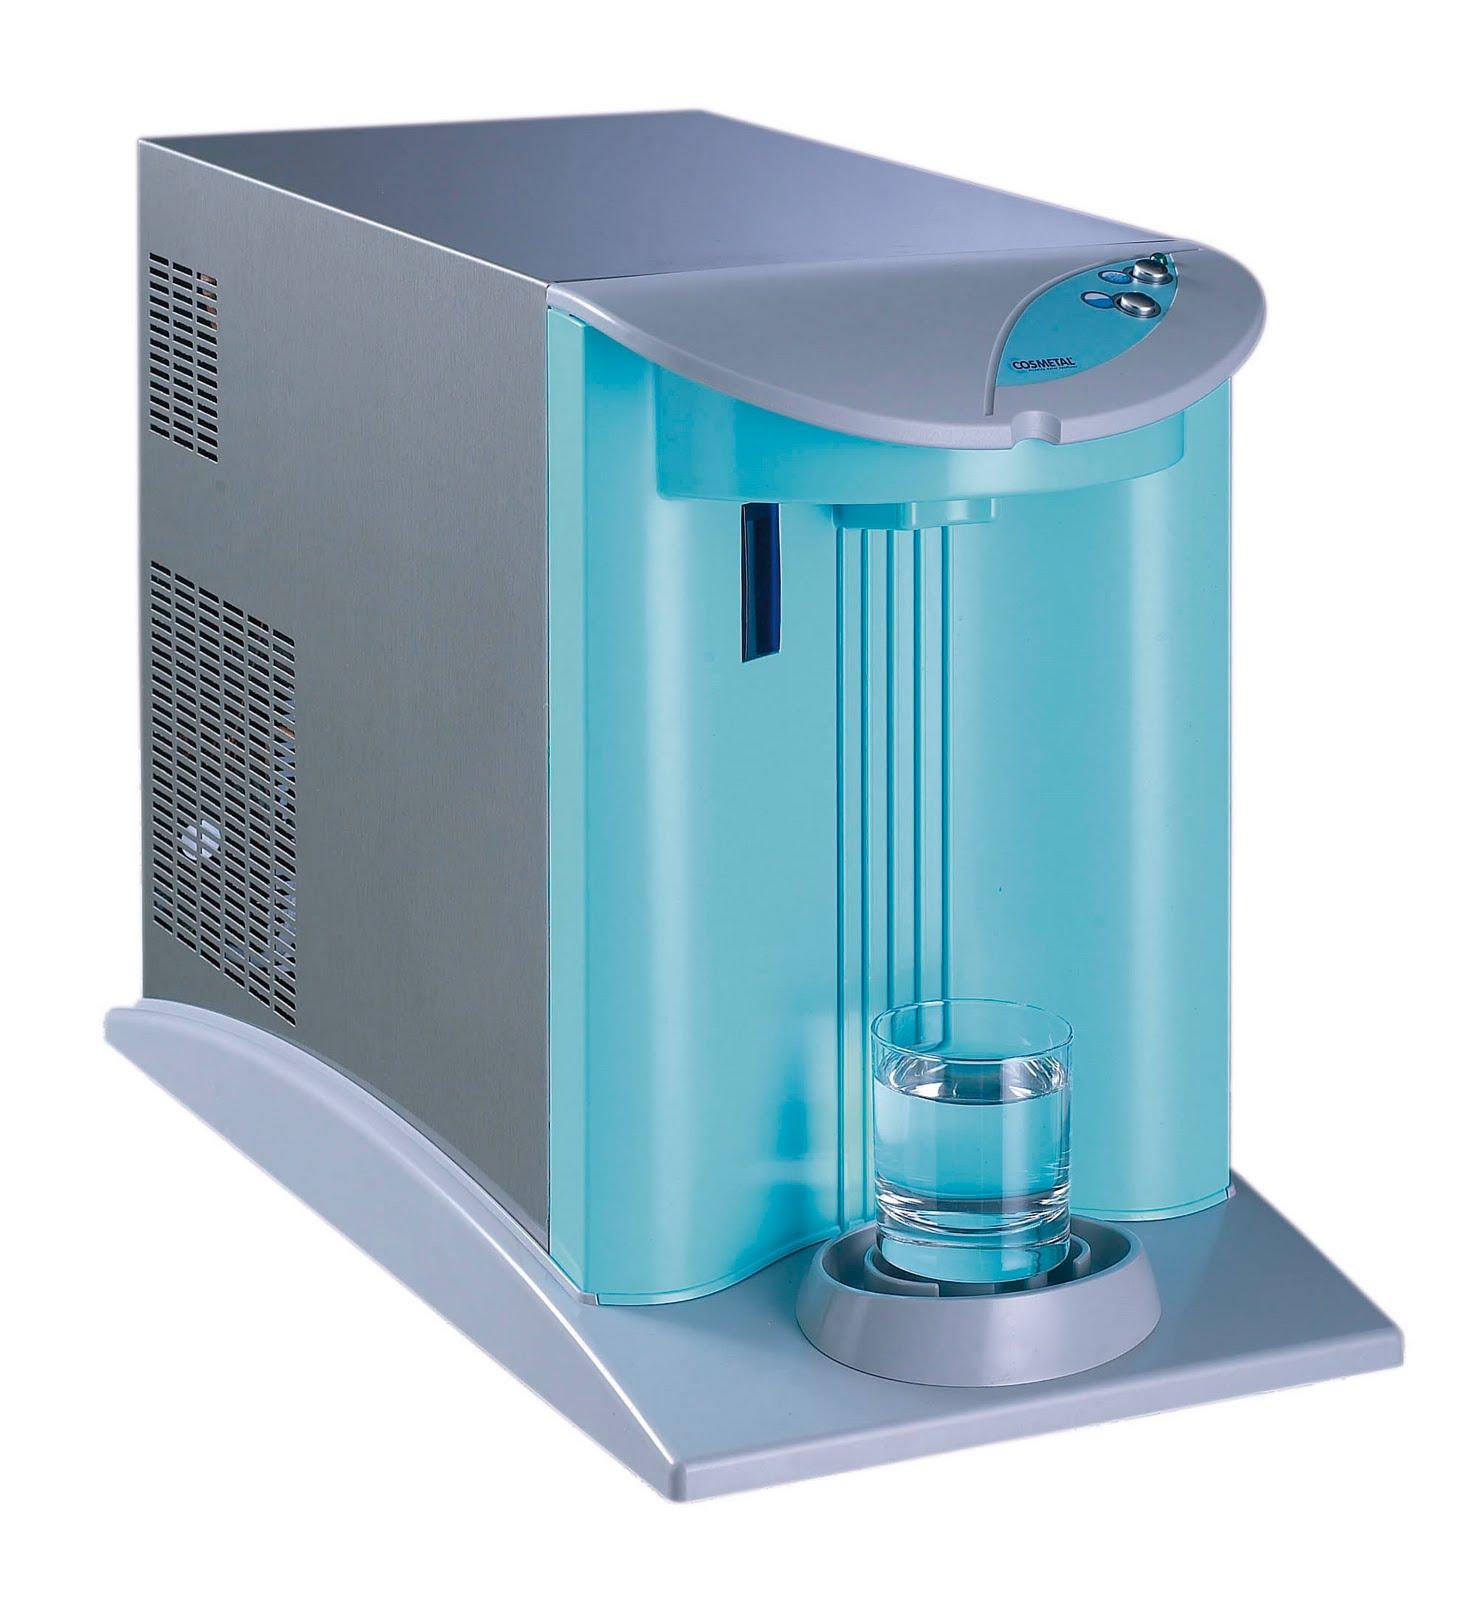 TRATTAMENTO ACQUA GENOVA: Erogatore acqua frizzante